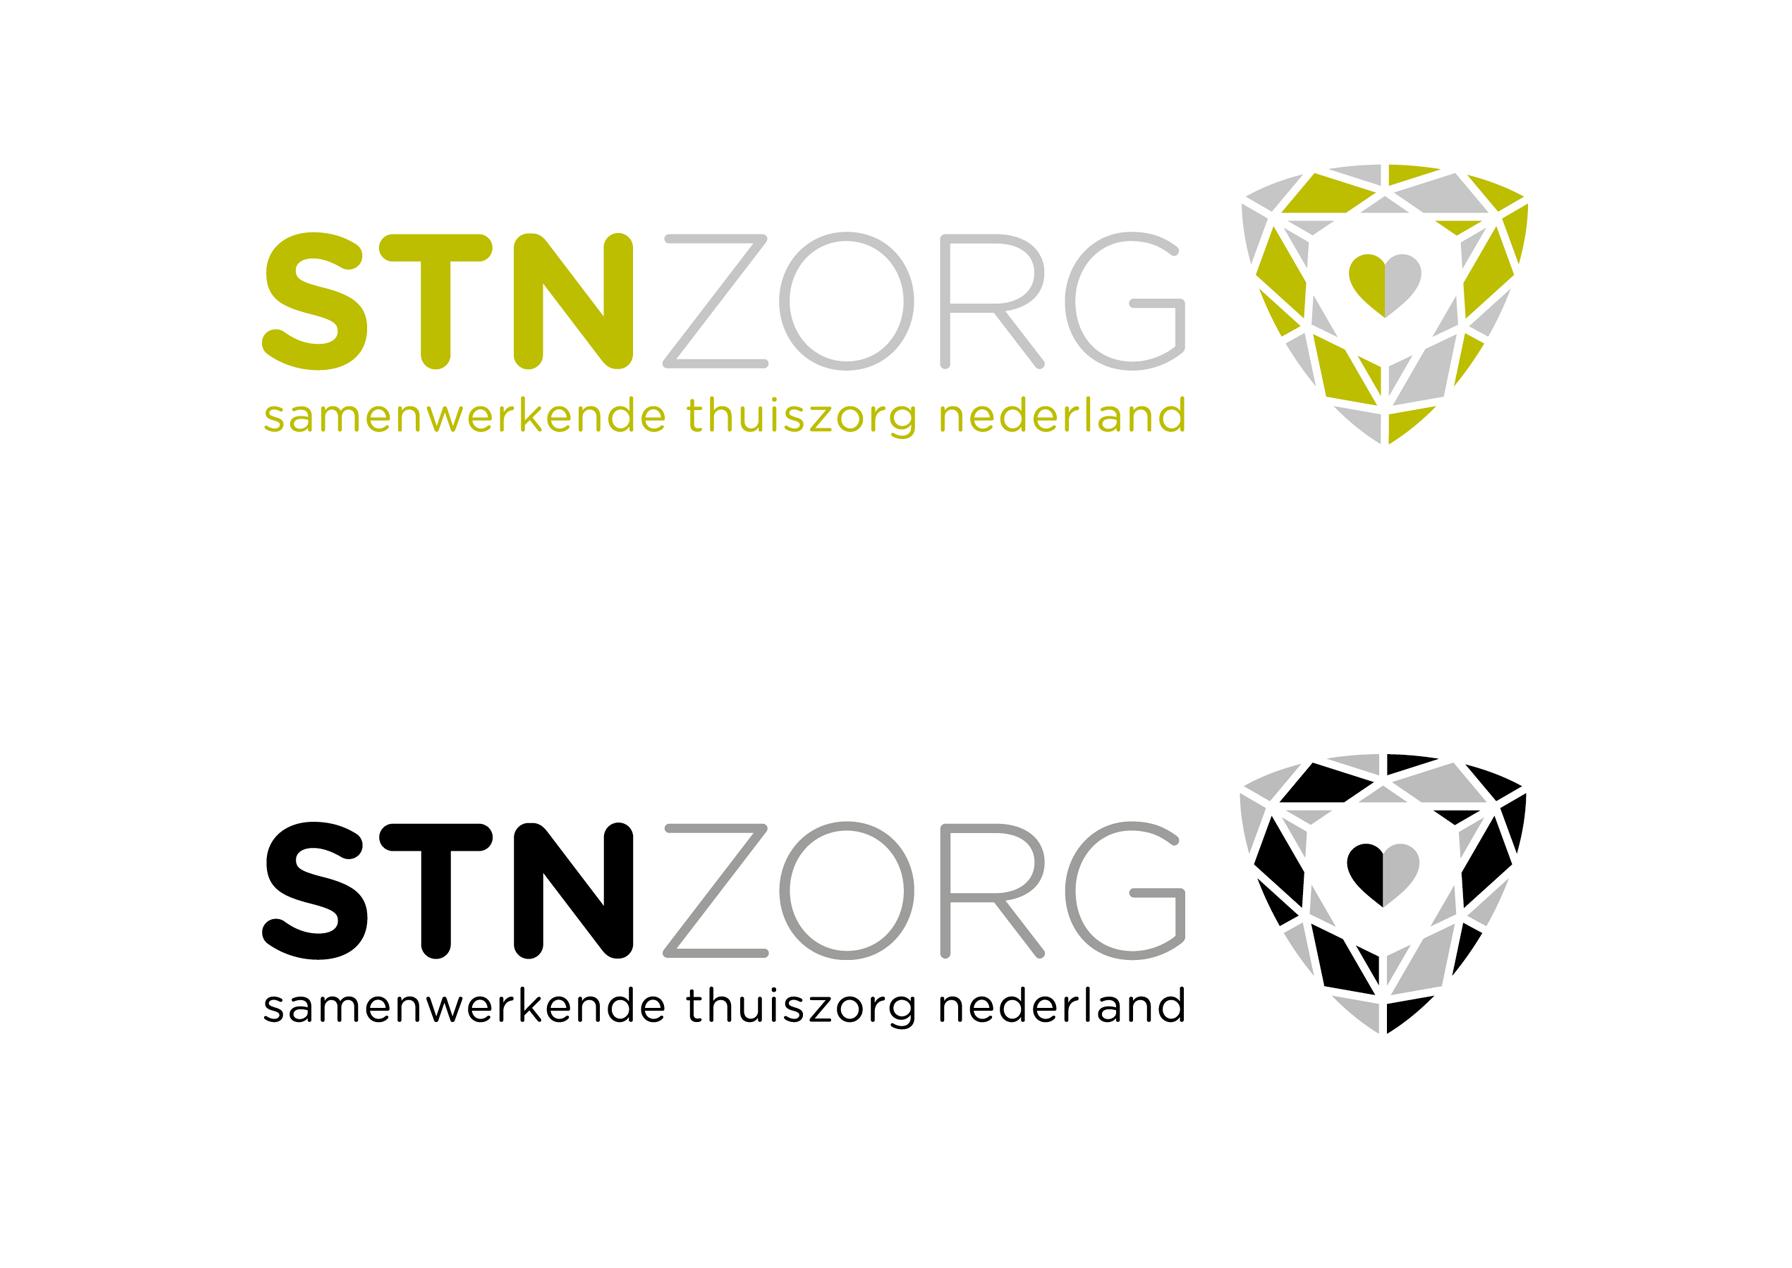 STN_logos_2